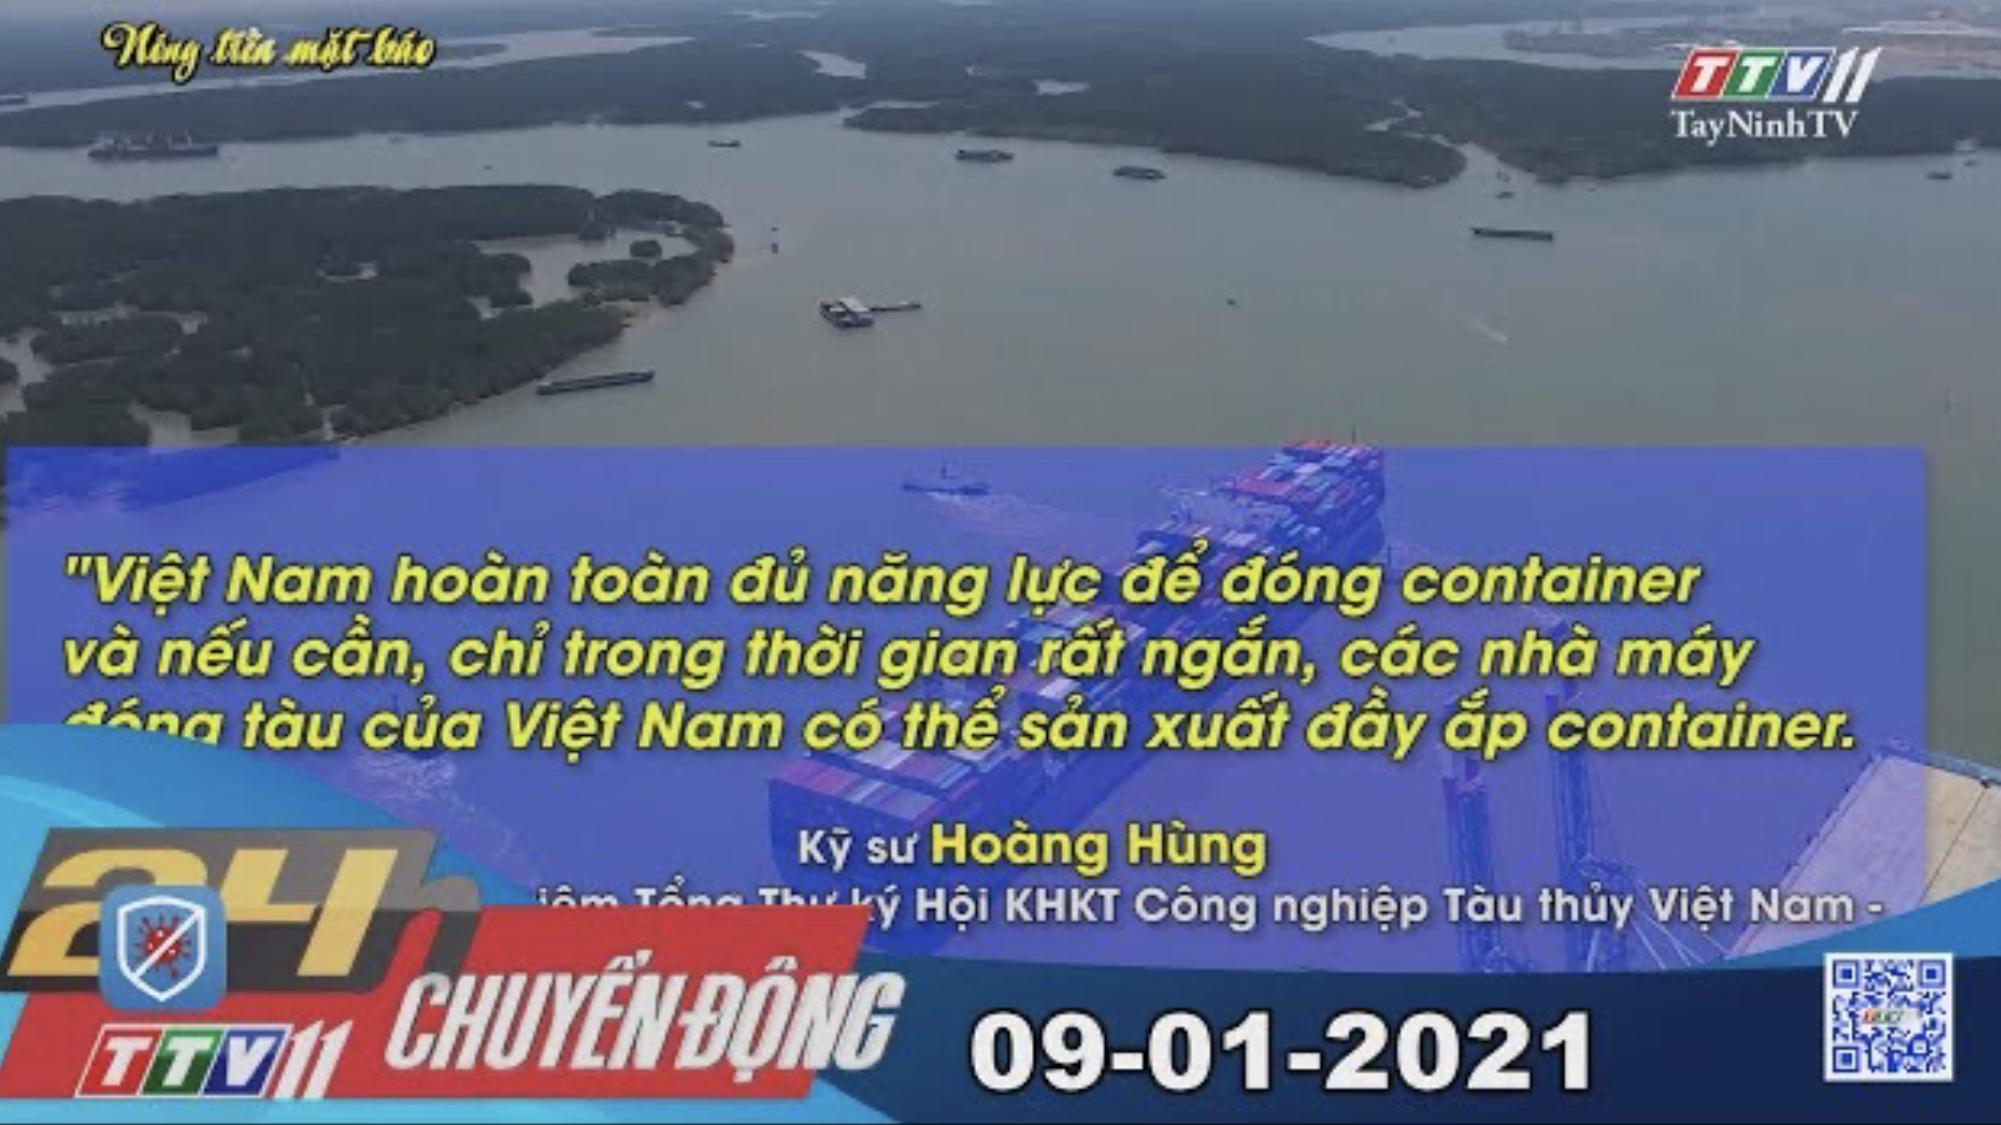 24h Chuyển động 09-01-2021 | Tin tức hôm nay | TayNinhTV